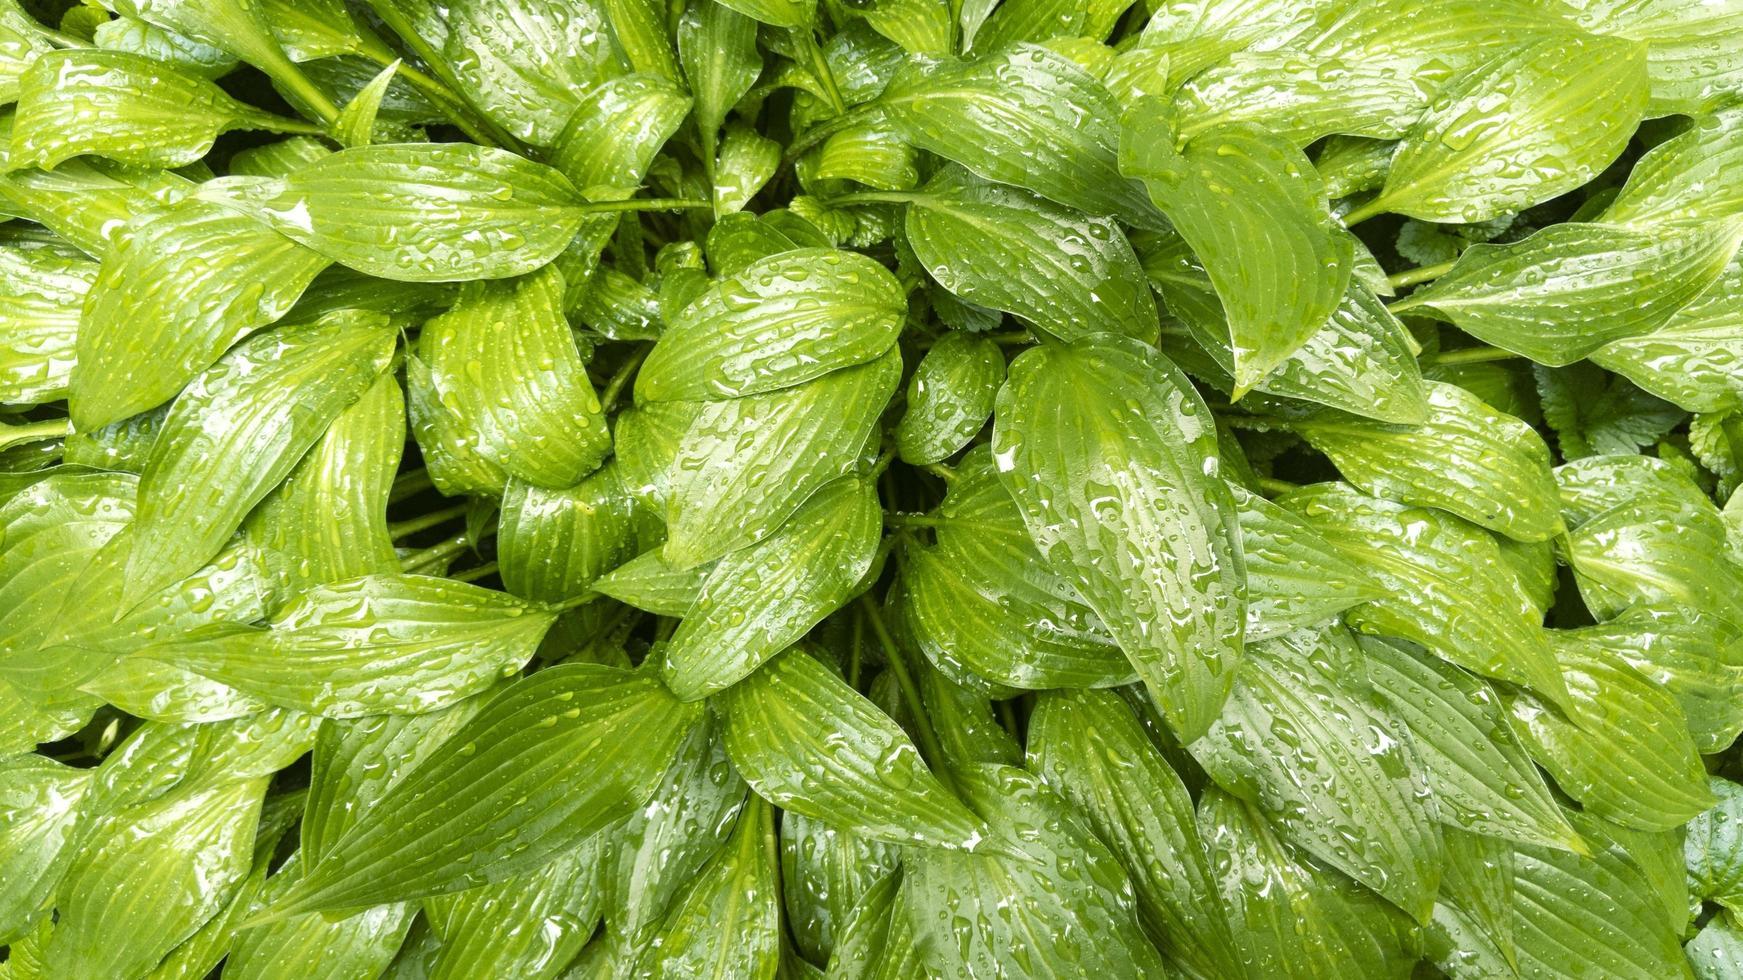 feuilles vertes hosta plante avec gouttes d'eau. motif naturel. photo de stock.